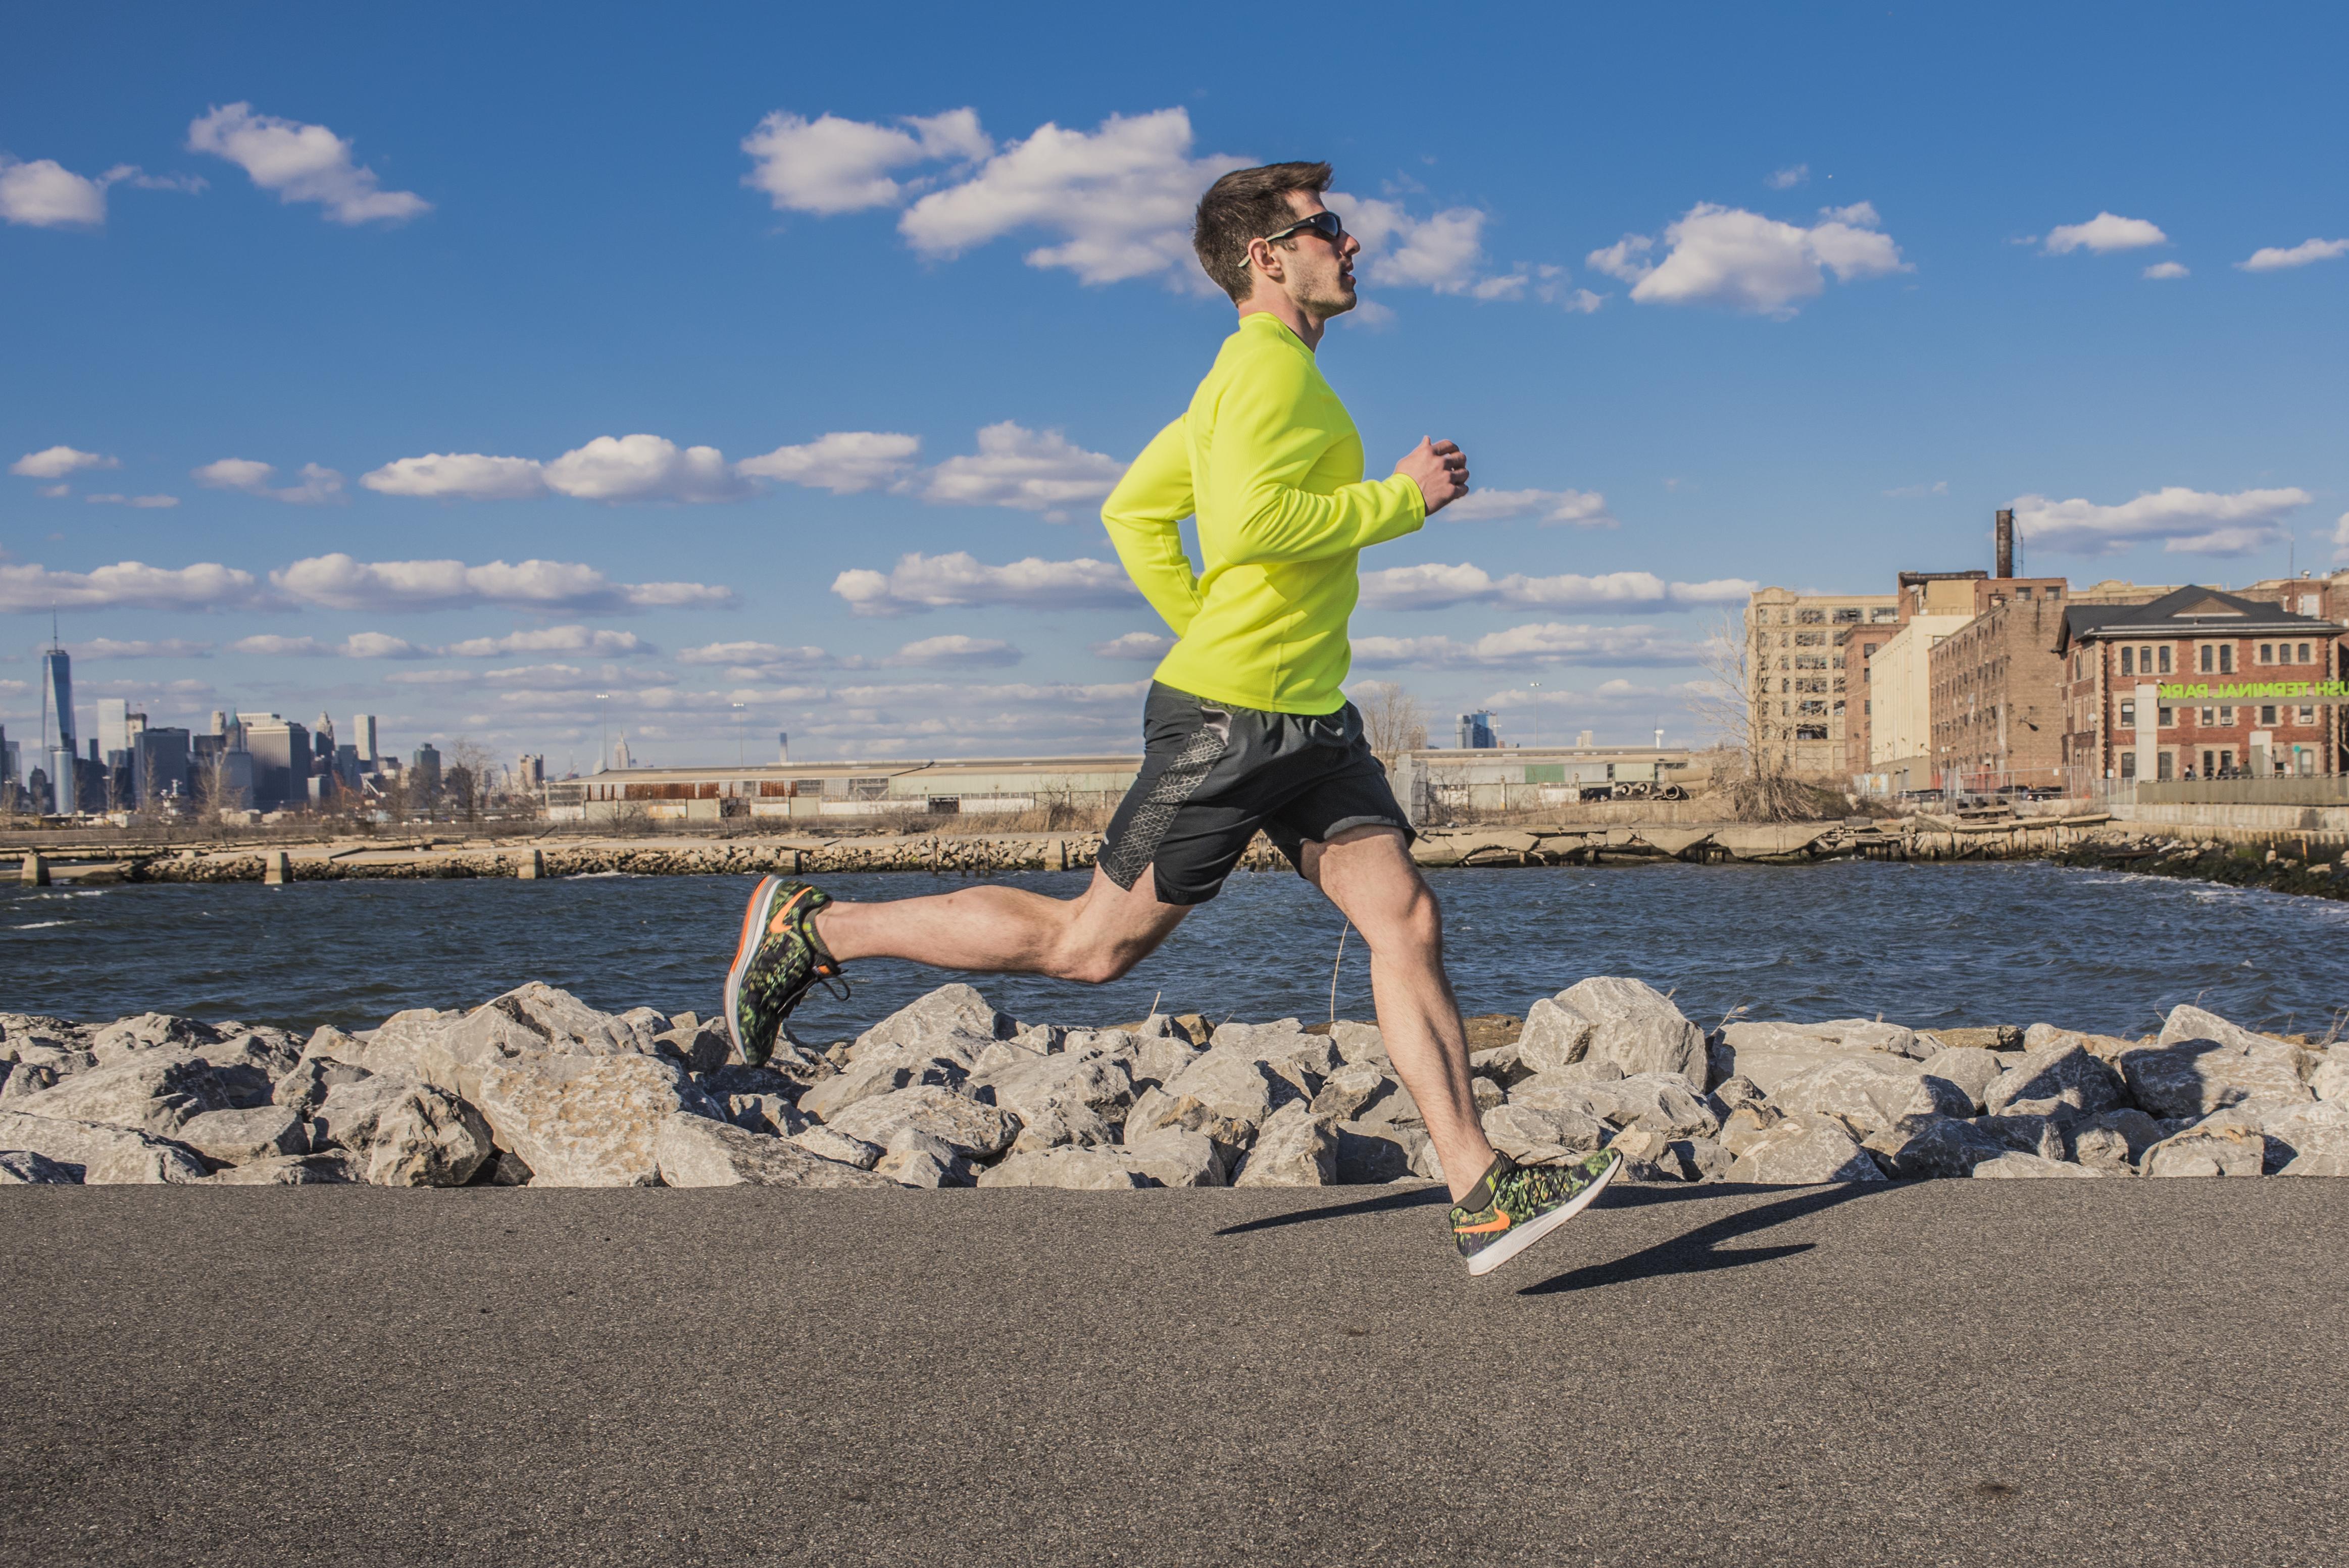 The Runner 1